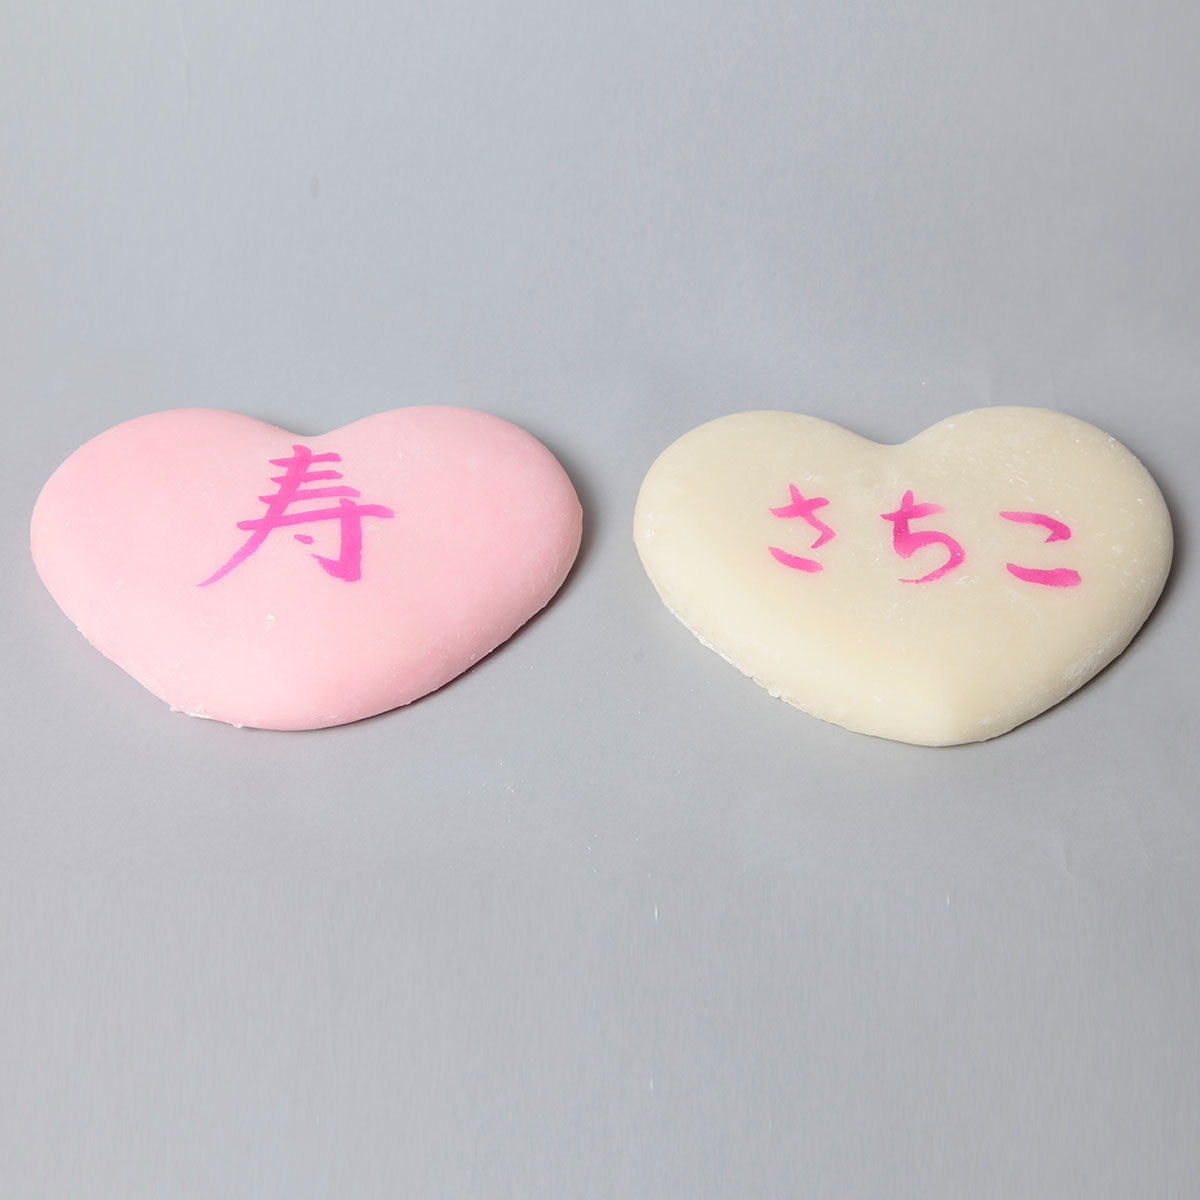 一升餅 (ハート型 紅白)2個